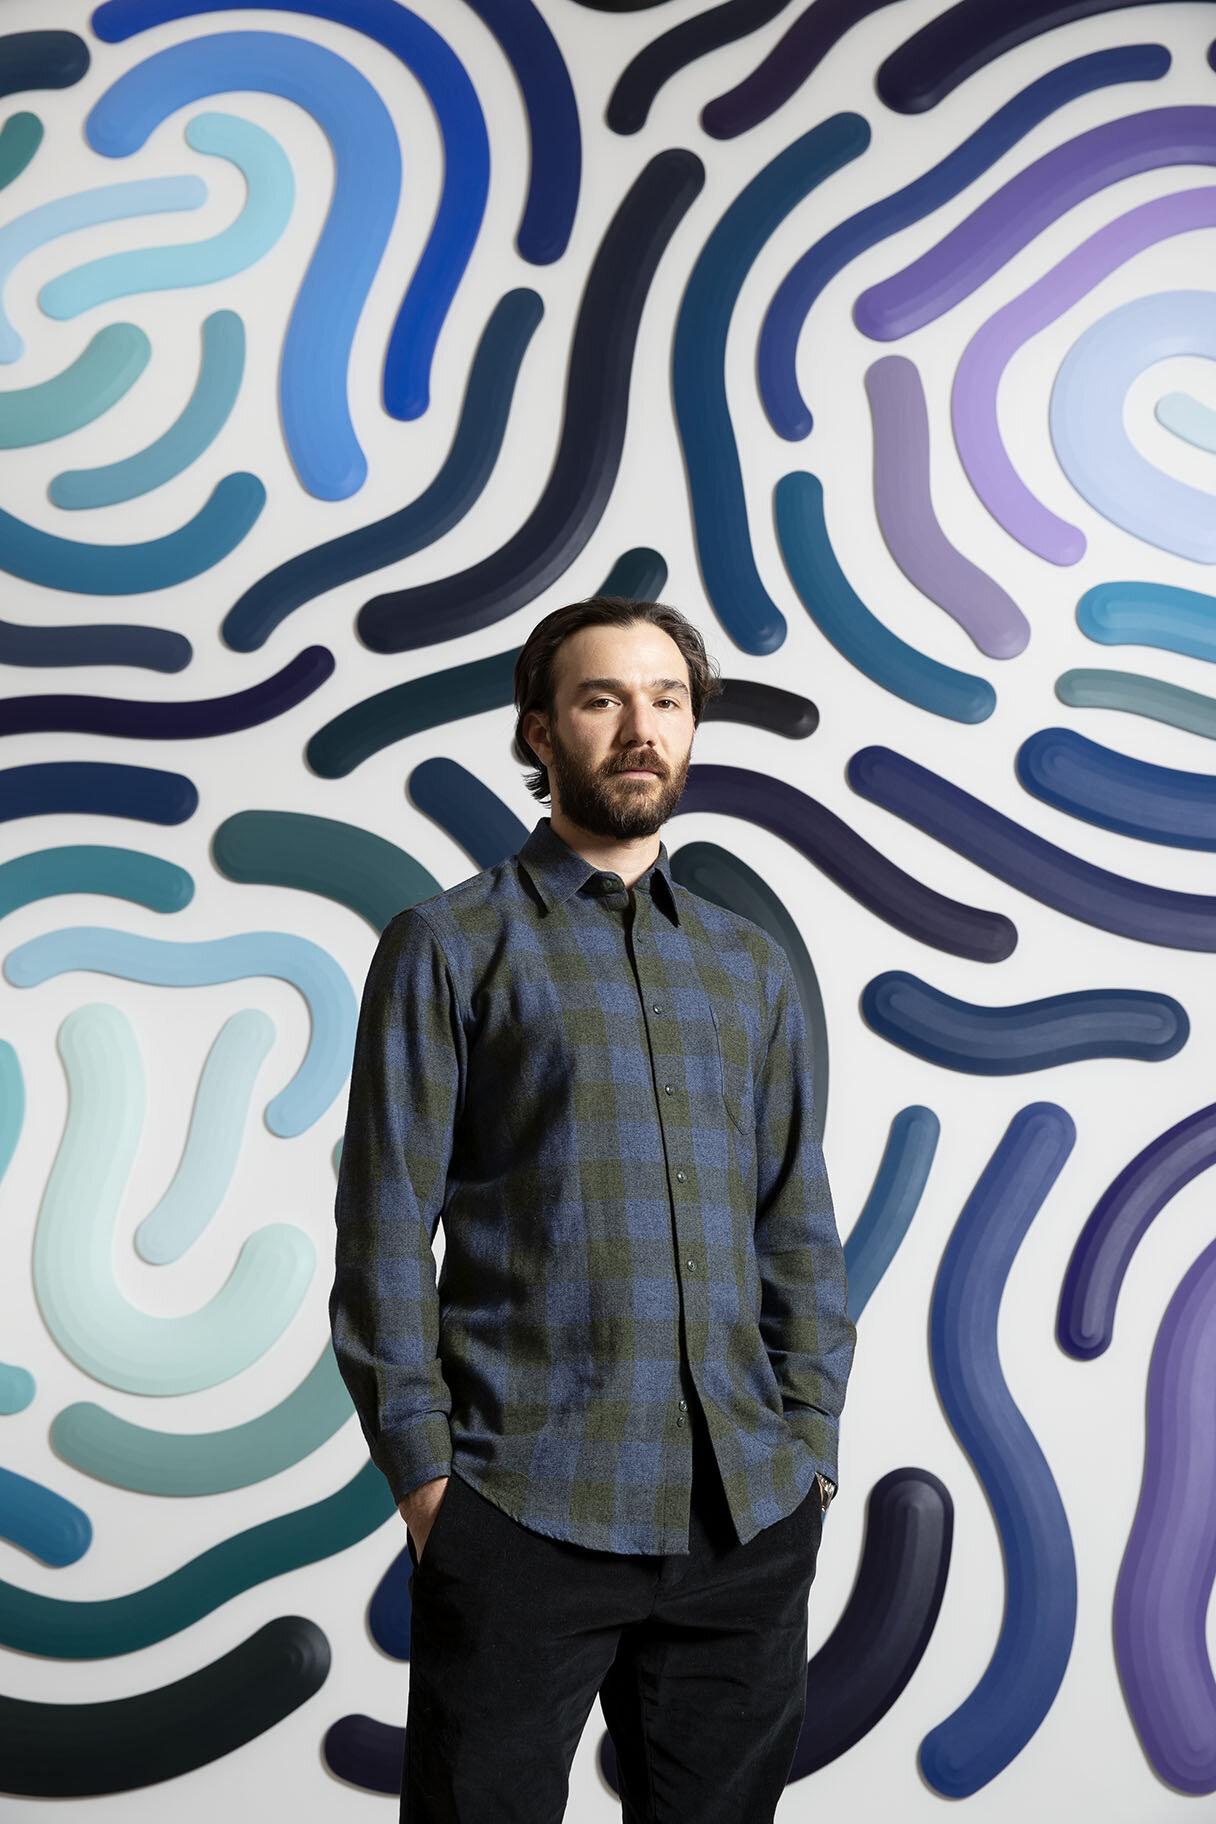 josh-sperling-artist-new-york-perrotin-guillaume-ziccarelli-01.jpg